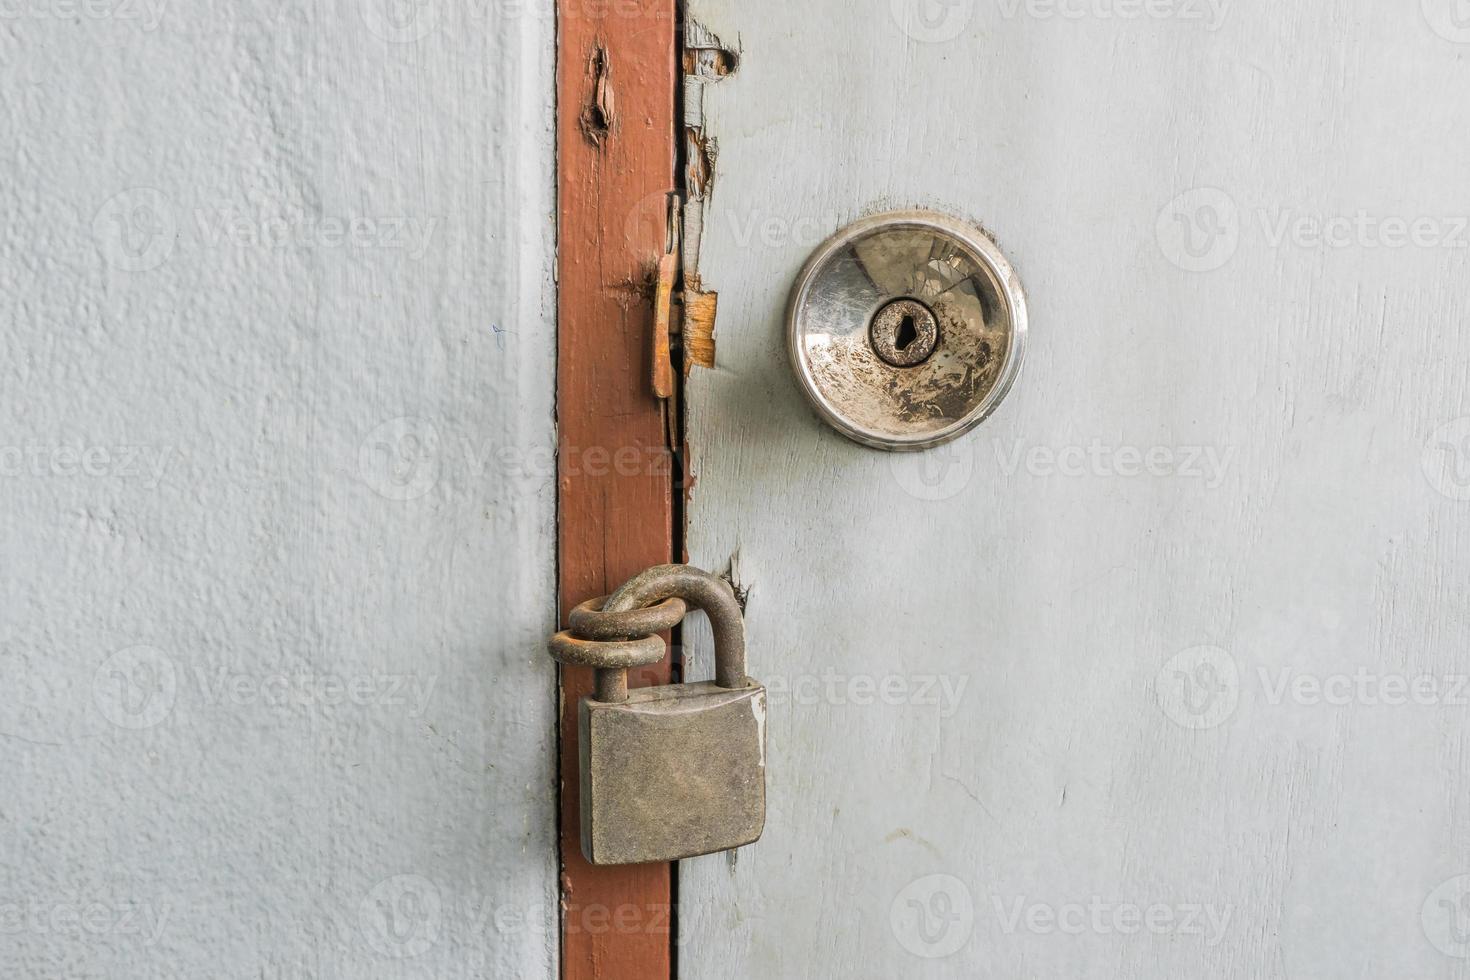 gammalt hänglås på en dörr foto